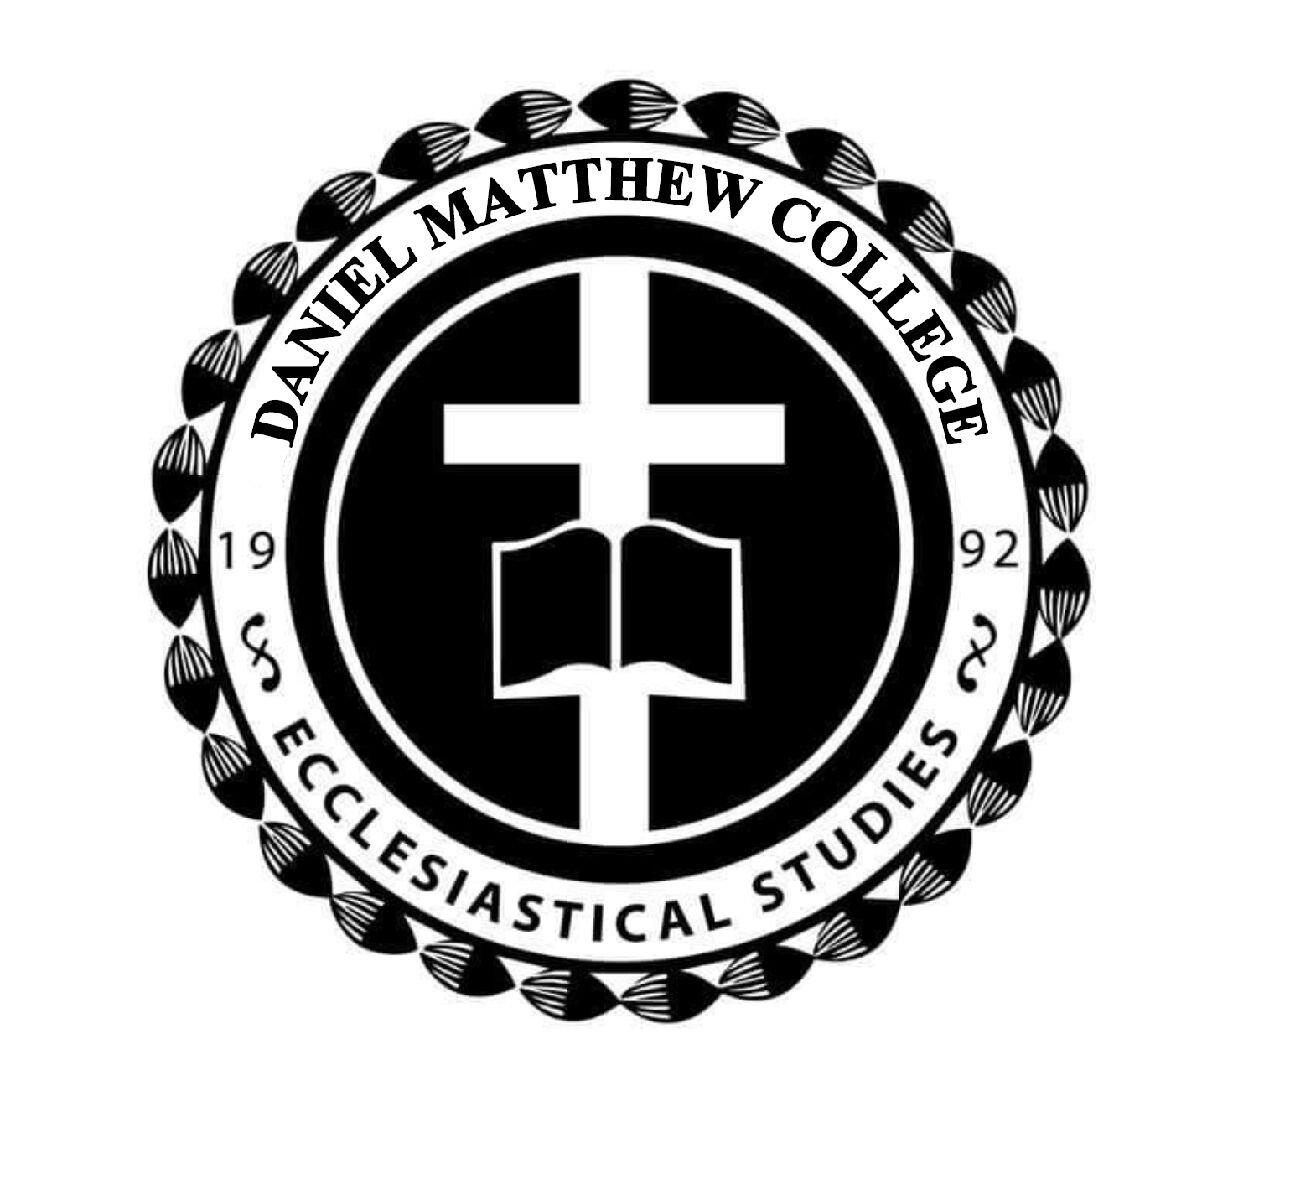 Ecclesiastical Studies